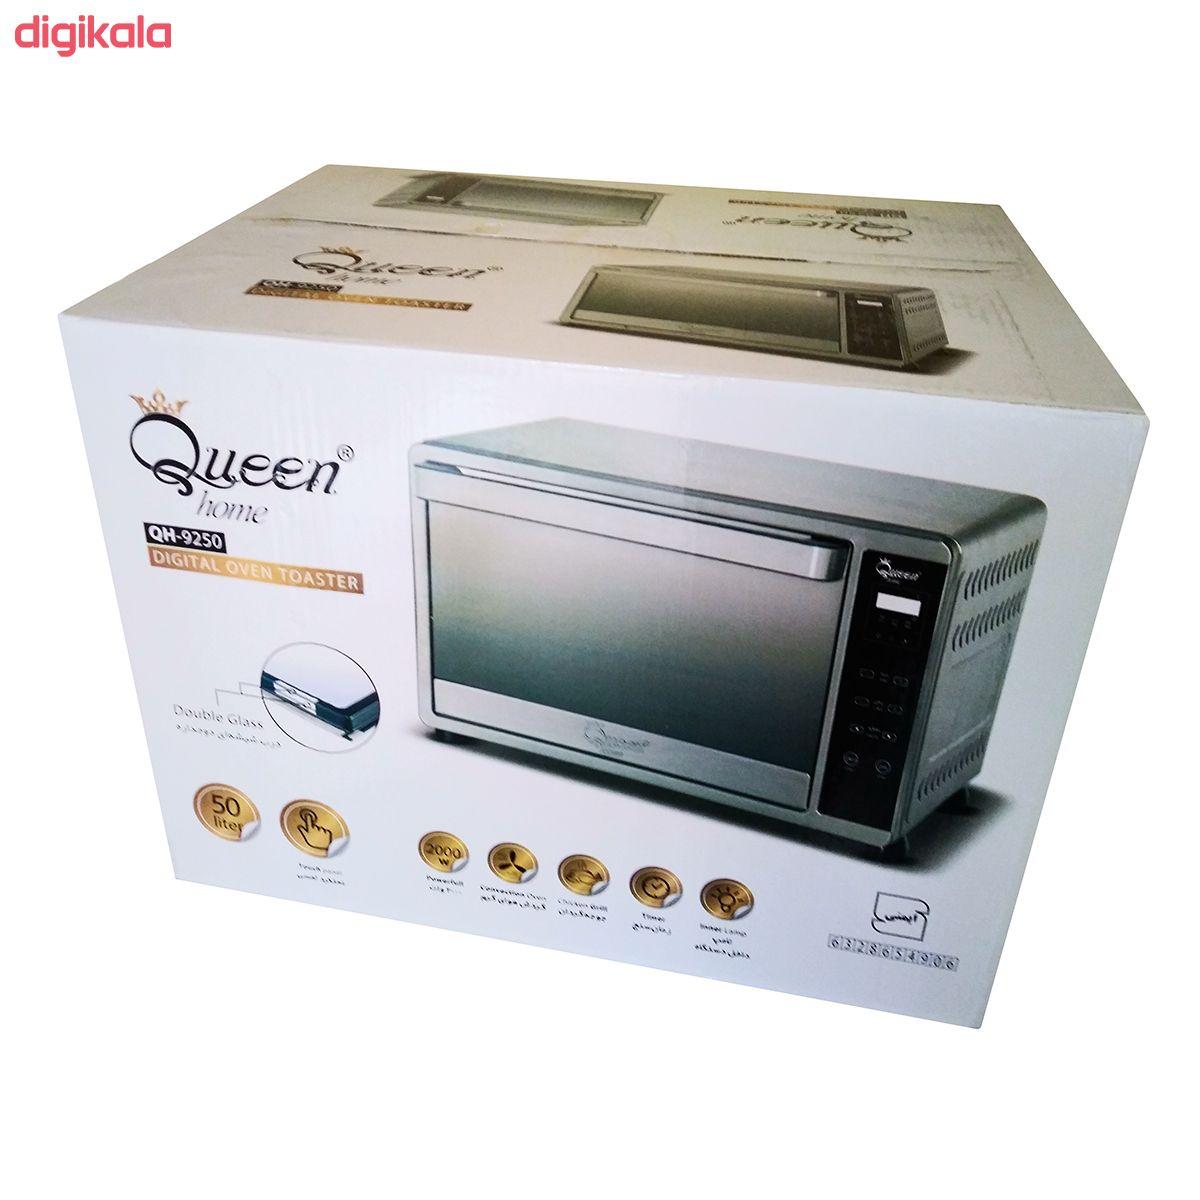 آون توستر کویین هوم مدل QH-9250 main 1 8